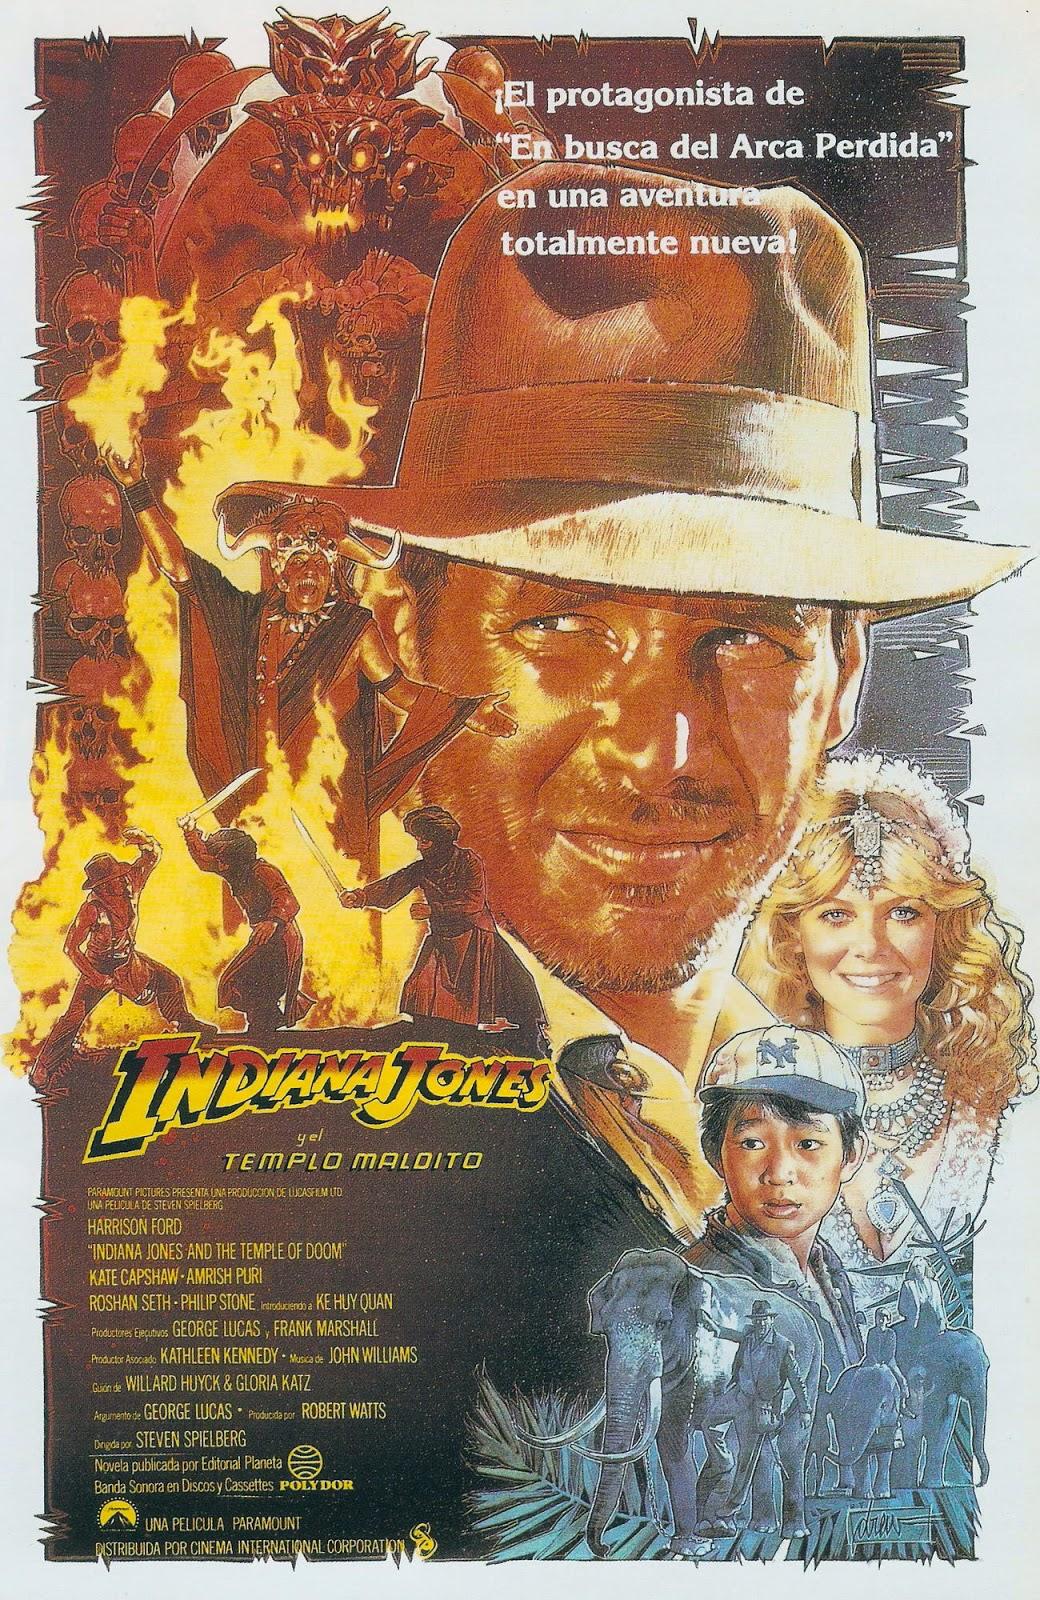 Indiana Jones y el templo maldito en #sofapelimanta